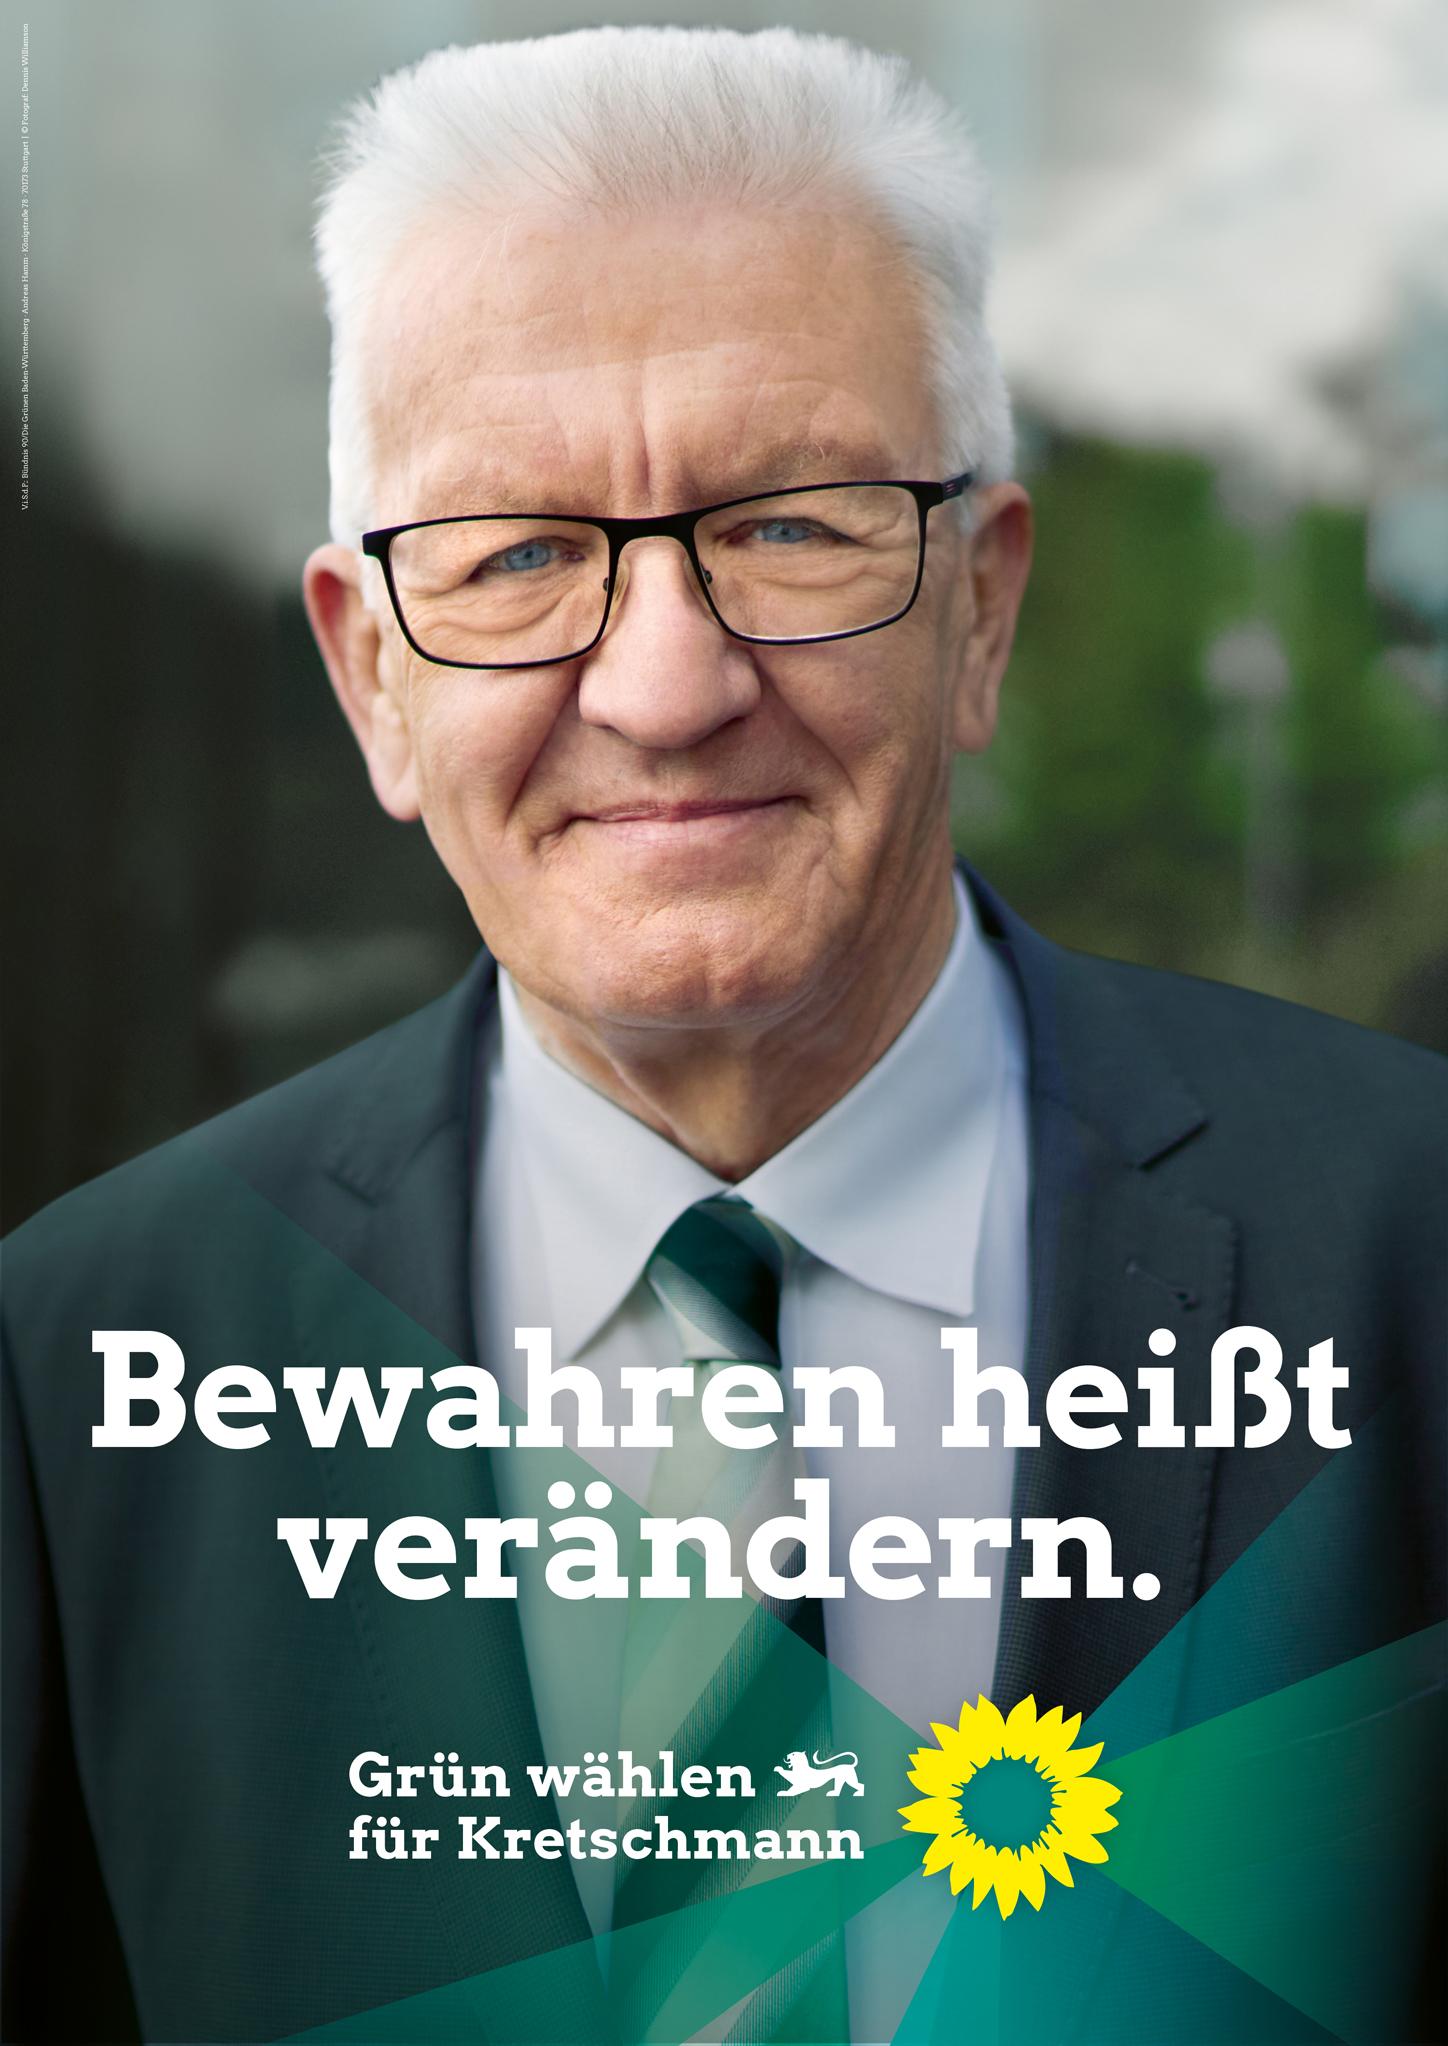 Landtagswahl Baden-Württemberg 2021 Bündnis 90/Die Grünen ...